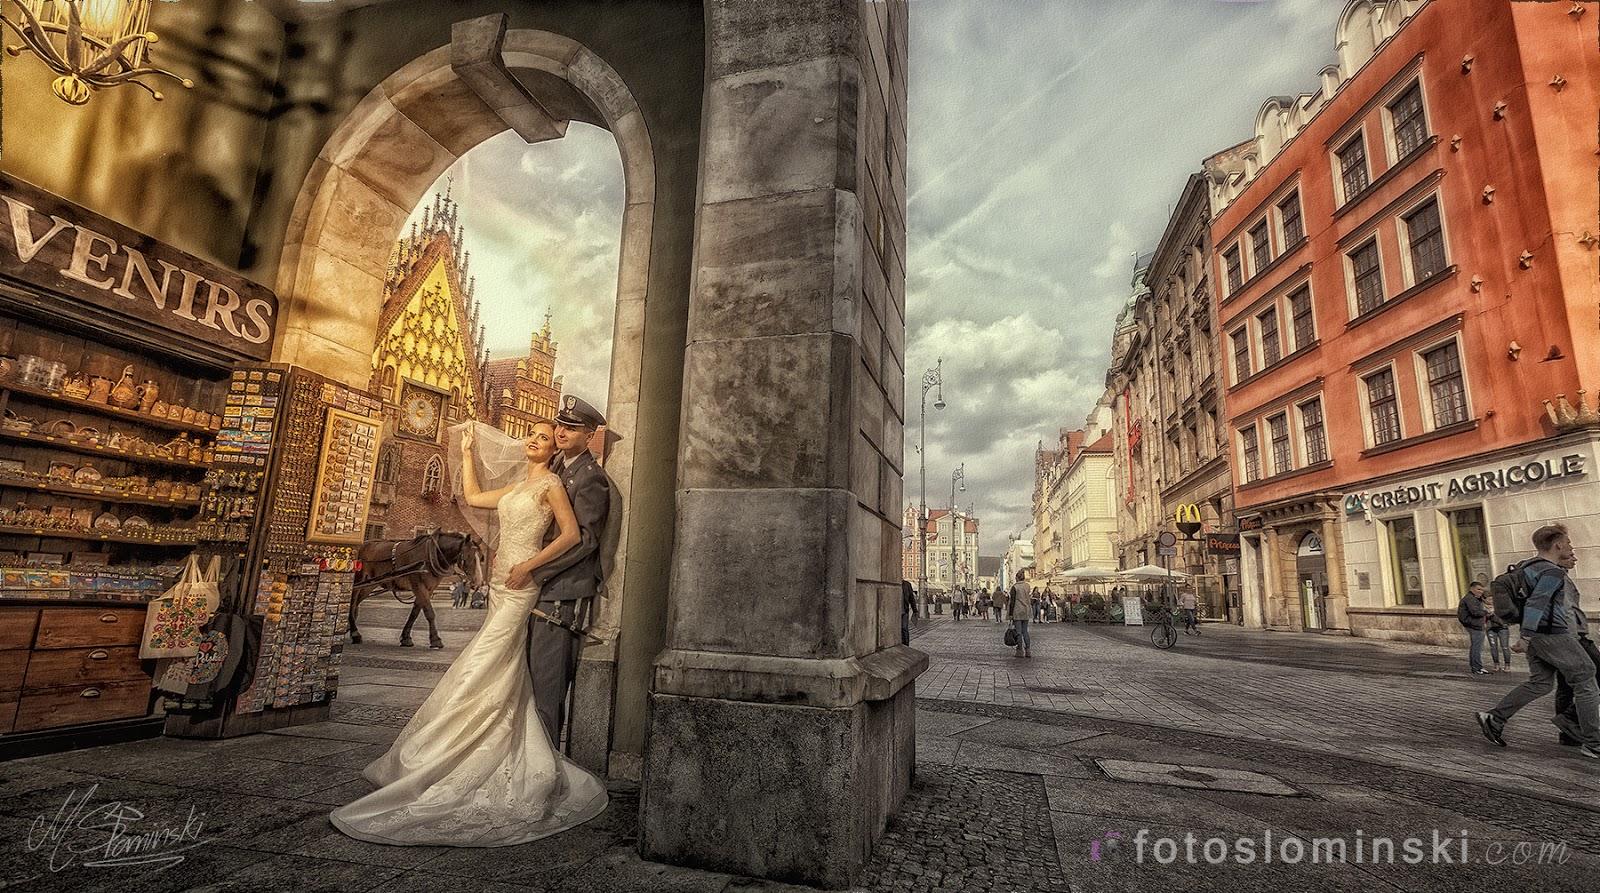 Wyjątkowo piękne miasto Wrocław - #ZdjęciaSłomińskiego z Wrocławia - Fotografia ślubna Wrocław.